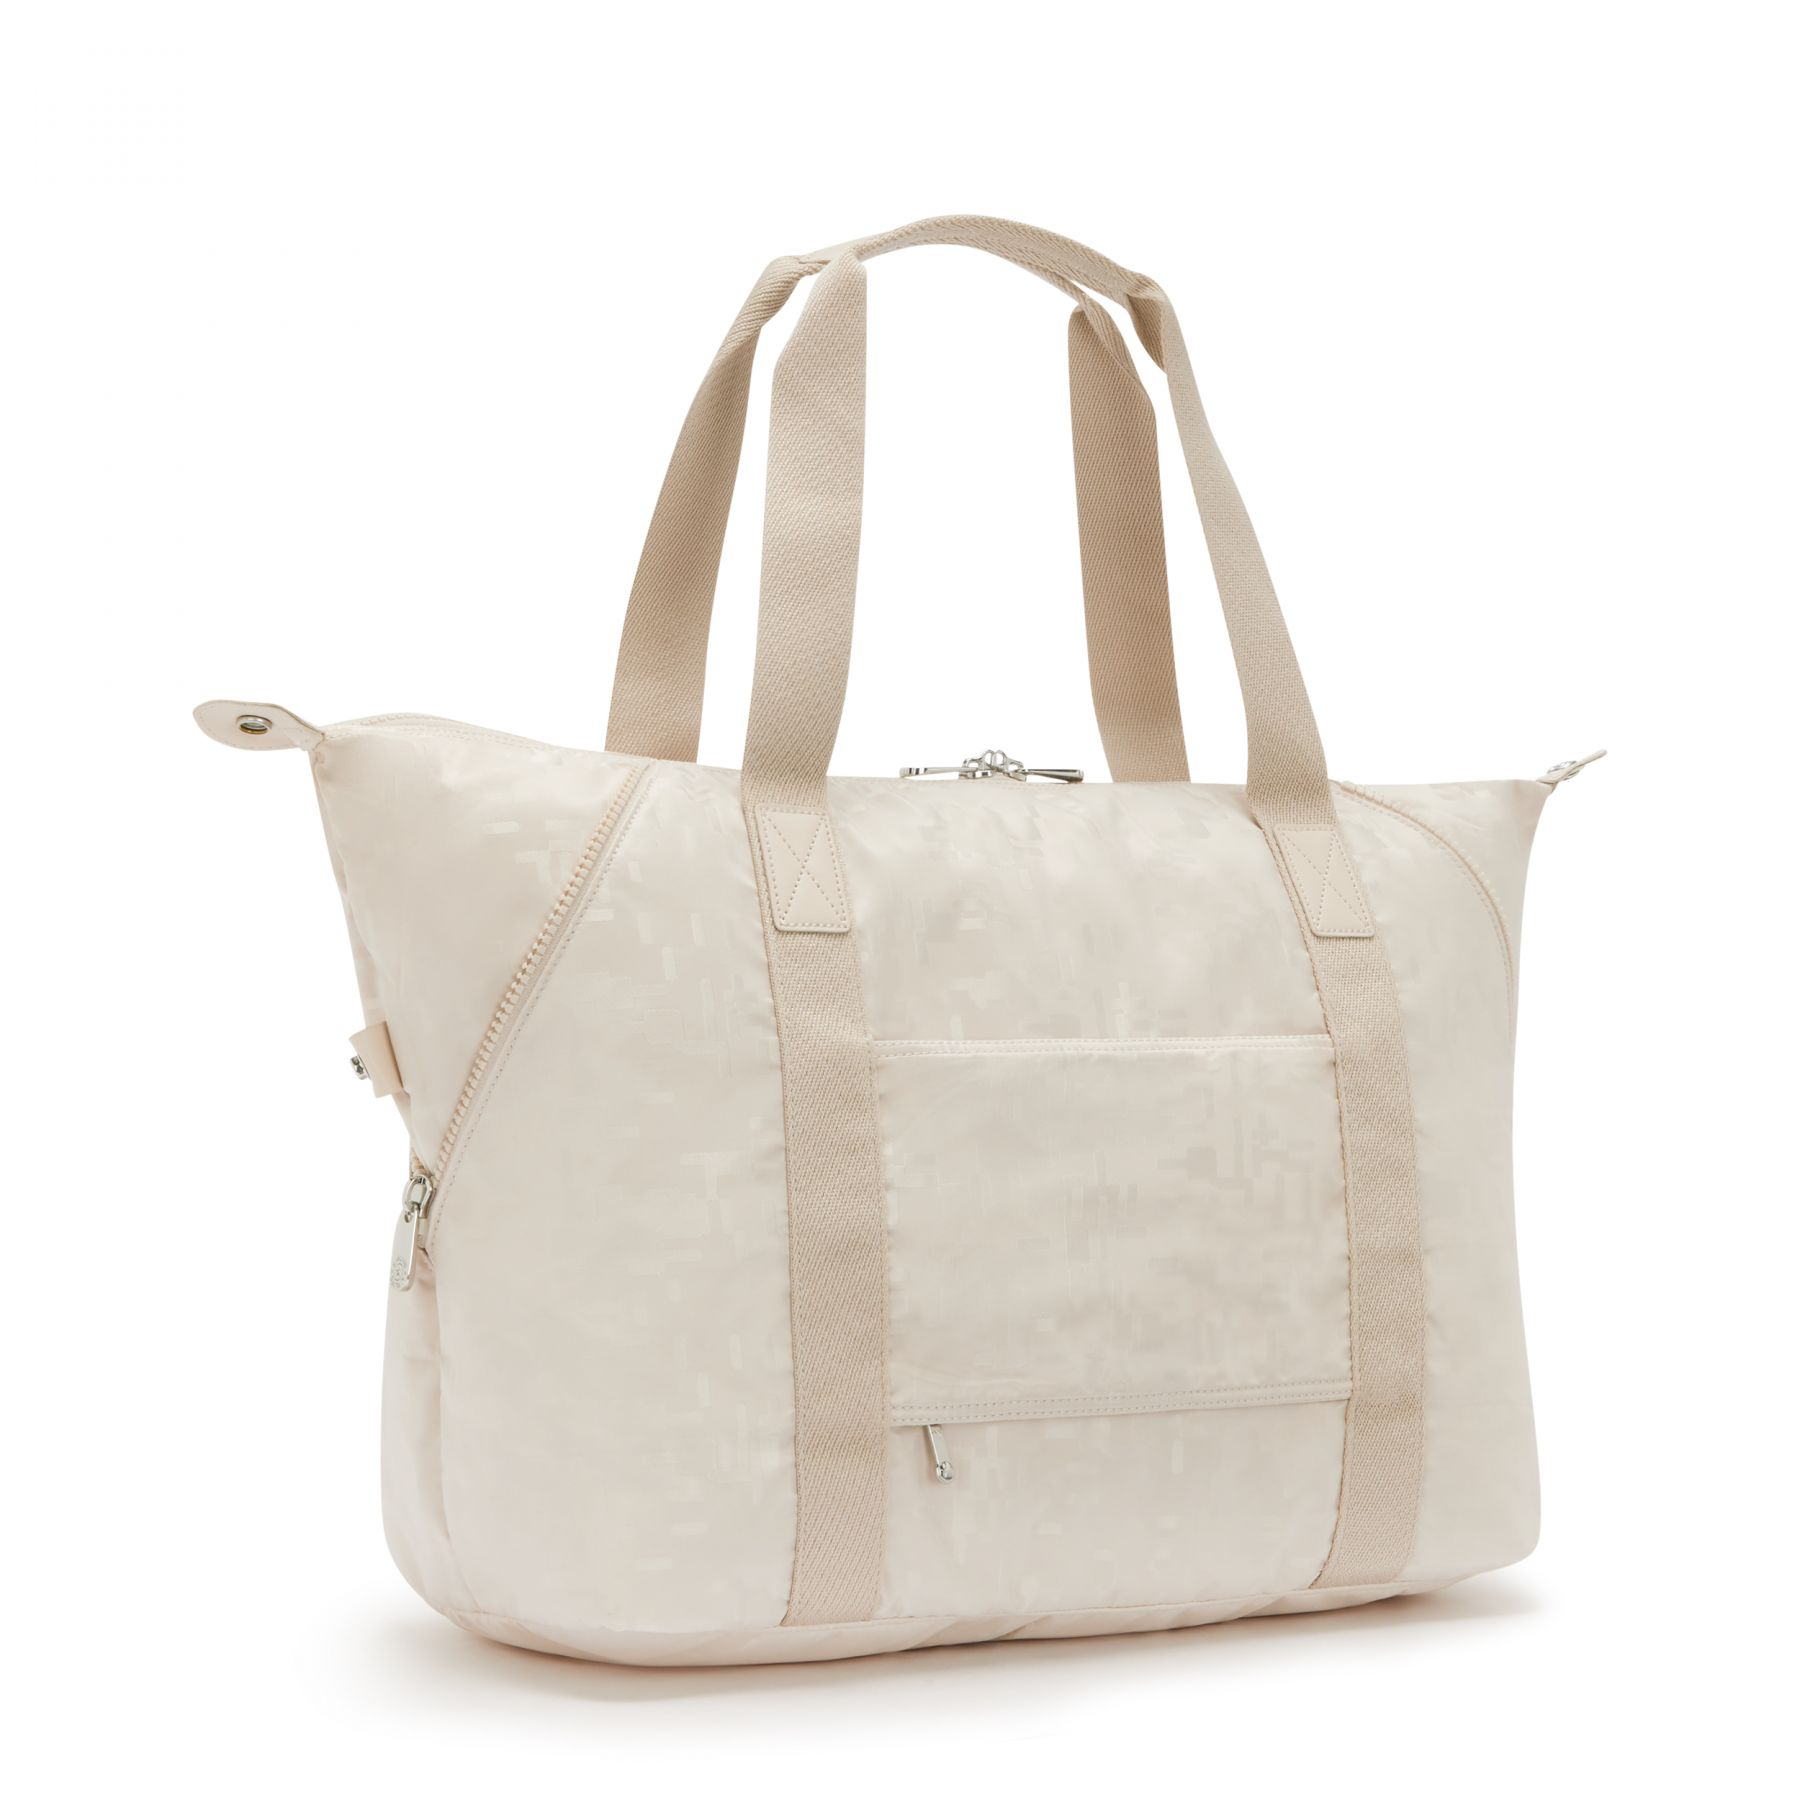 ART M BAGS by Kipling